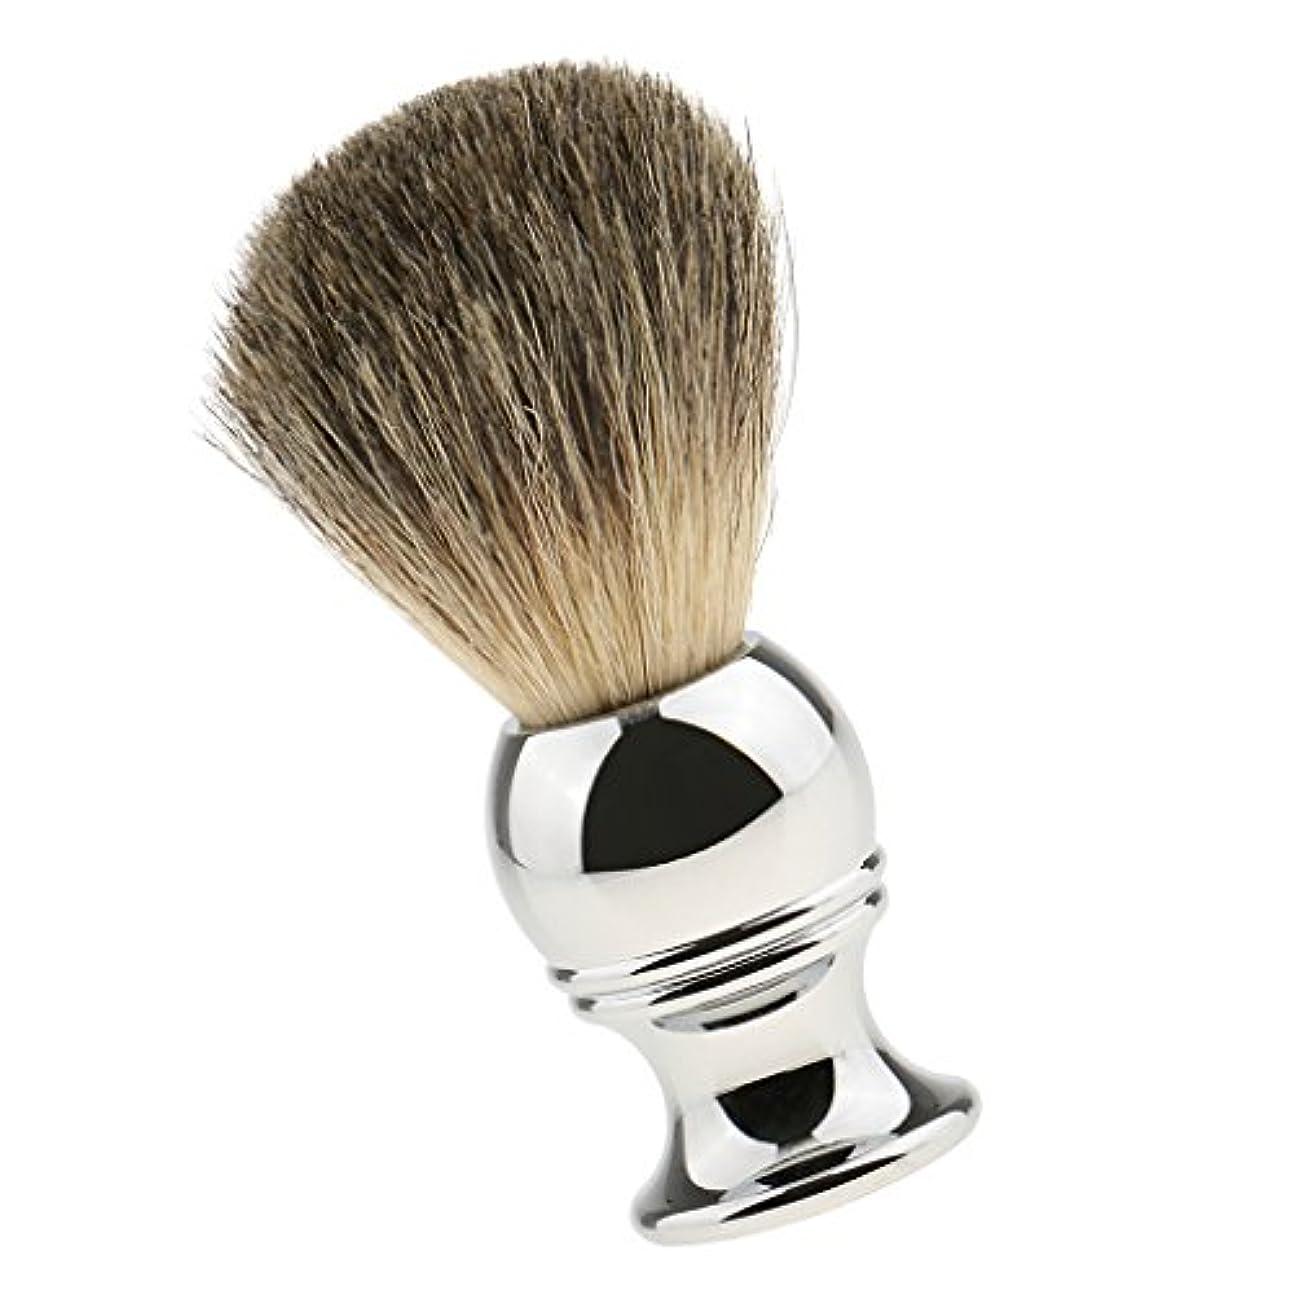 ビジター高くの間でKesoto 男性用 高品質 高密度 シェービングブラシ ロングハンドル 髭剃り 洗顔 ブラシ シェーブツール